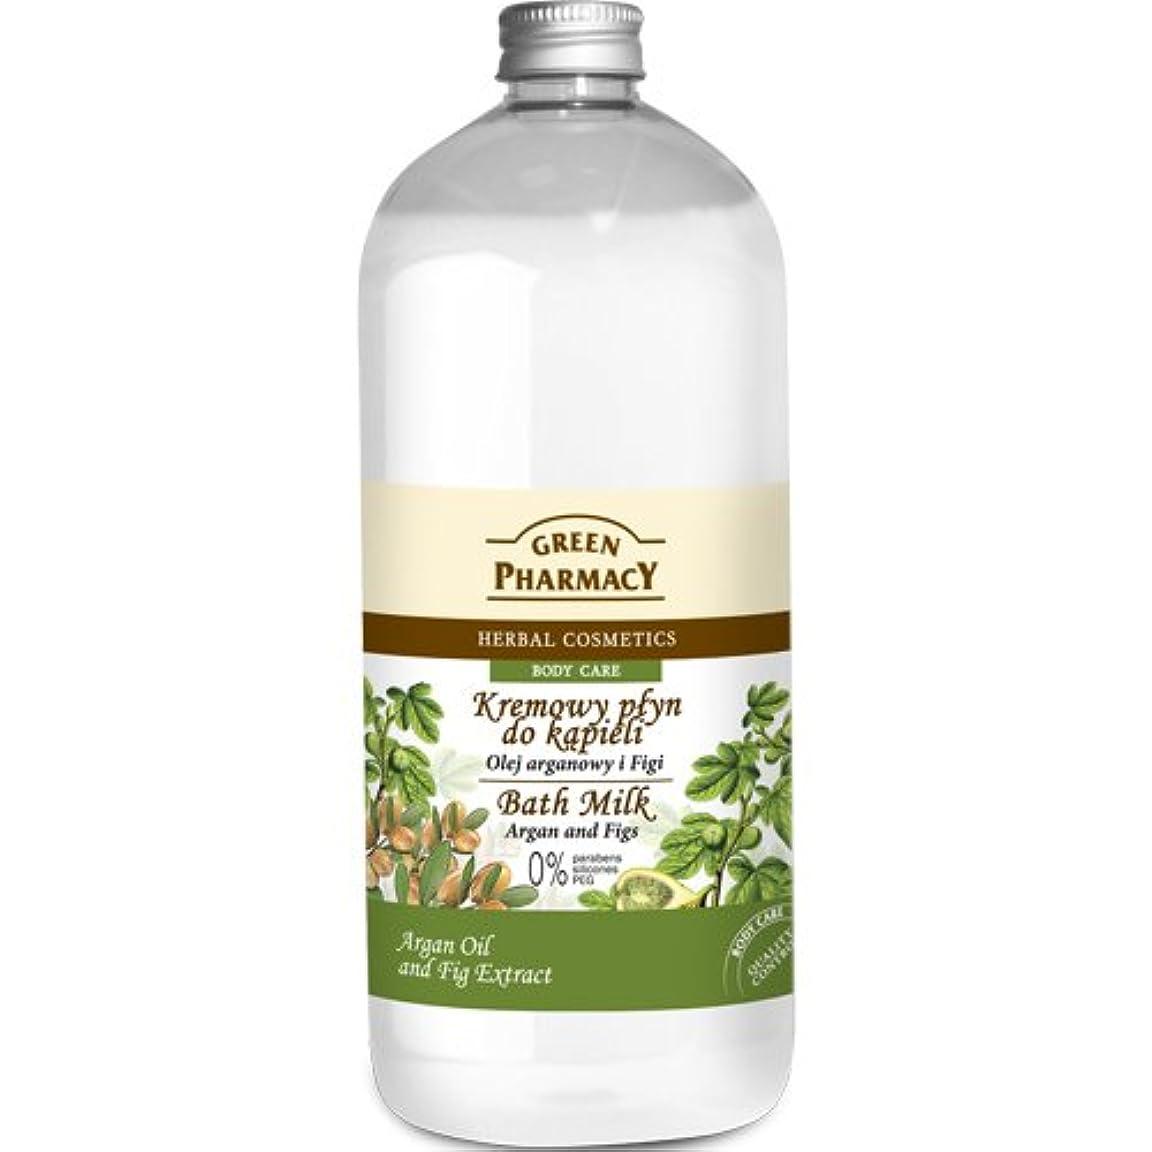 粉砕する面コマンドElfa Pharm Green Pharmacy グリーンファーマシー Bath Milk バスミルク Argan Oil&Figs